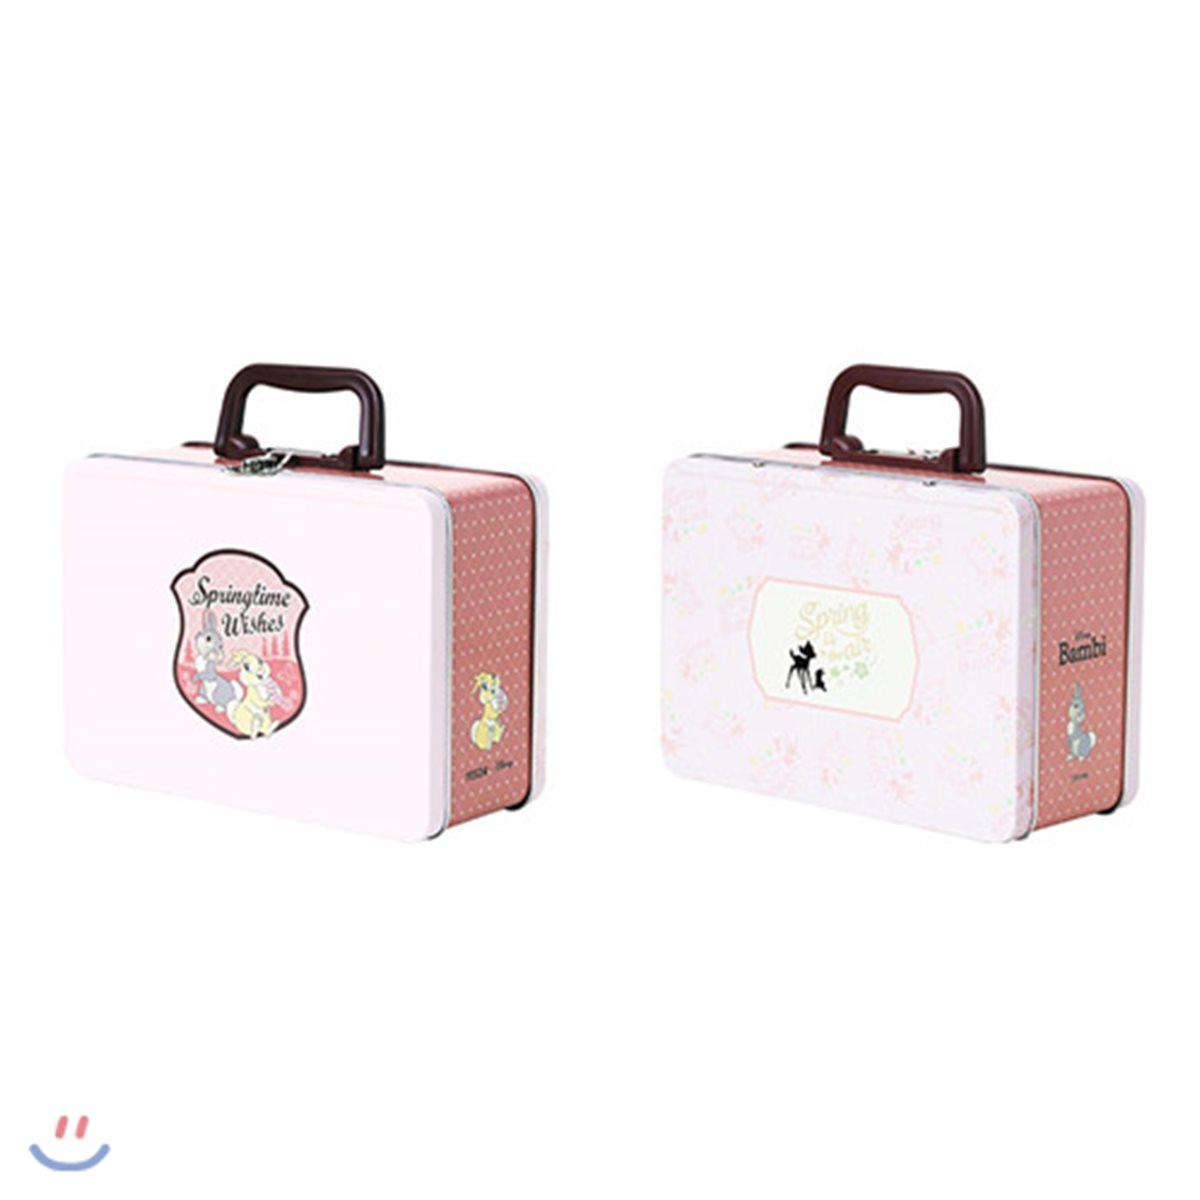 [예스베리굿즈][YES24 X 디즈니]밤비 틴케이스 가방